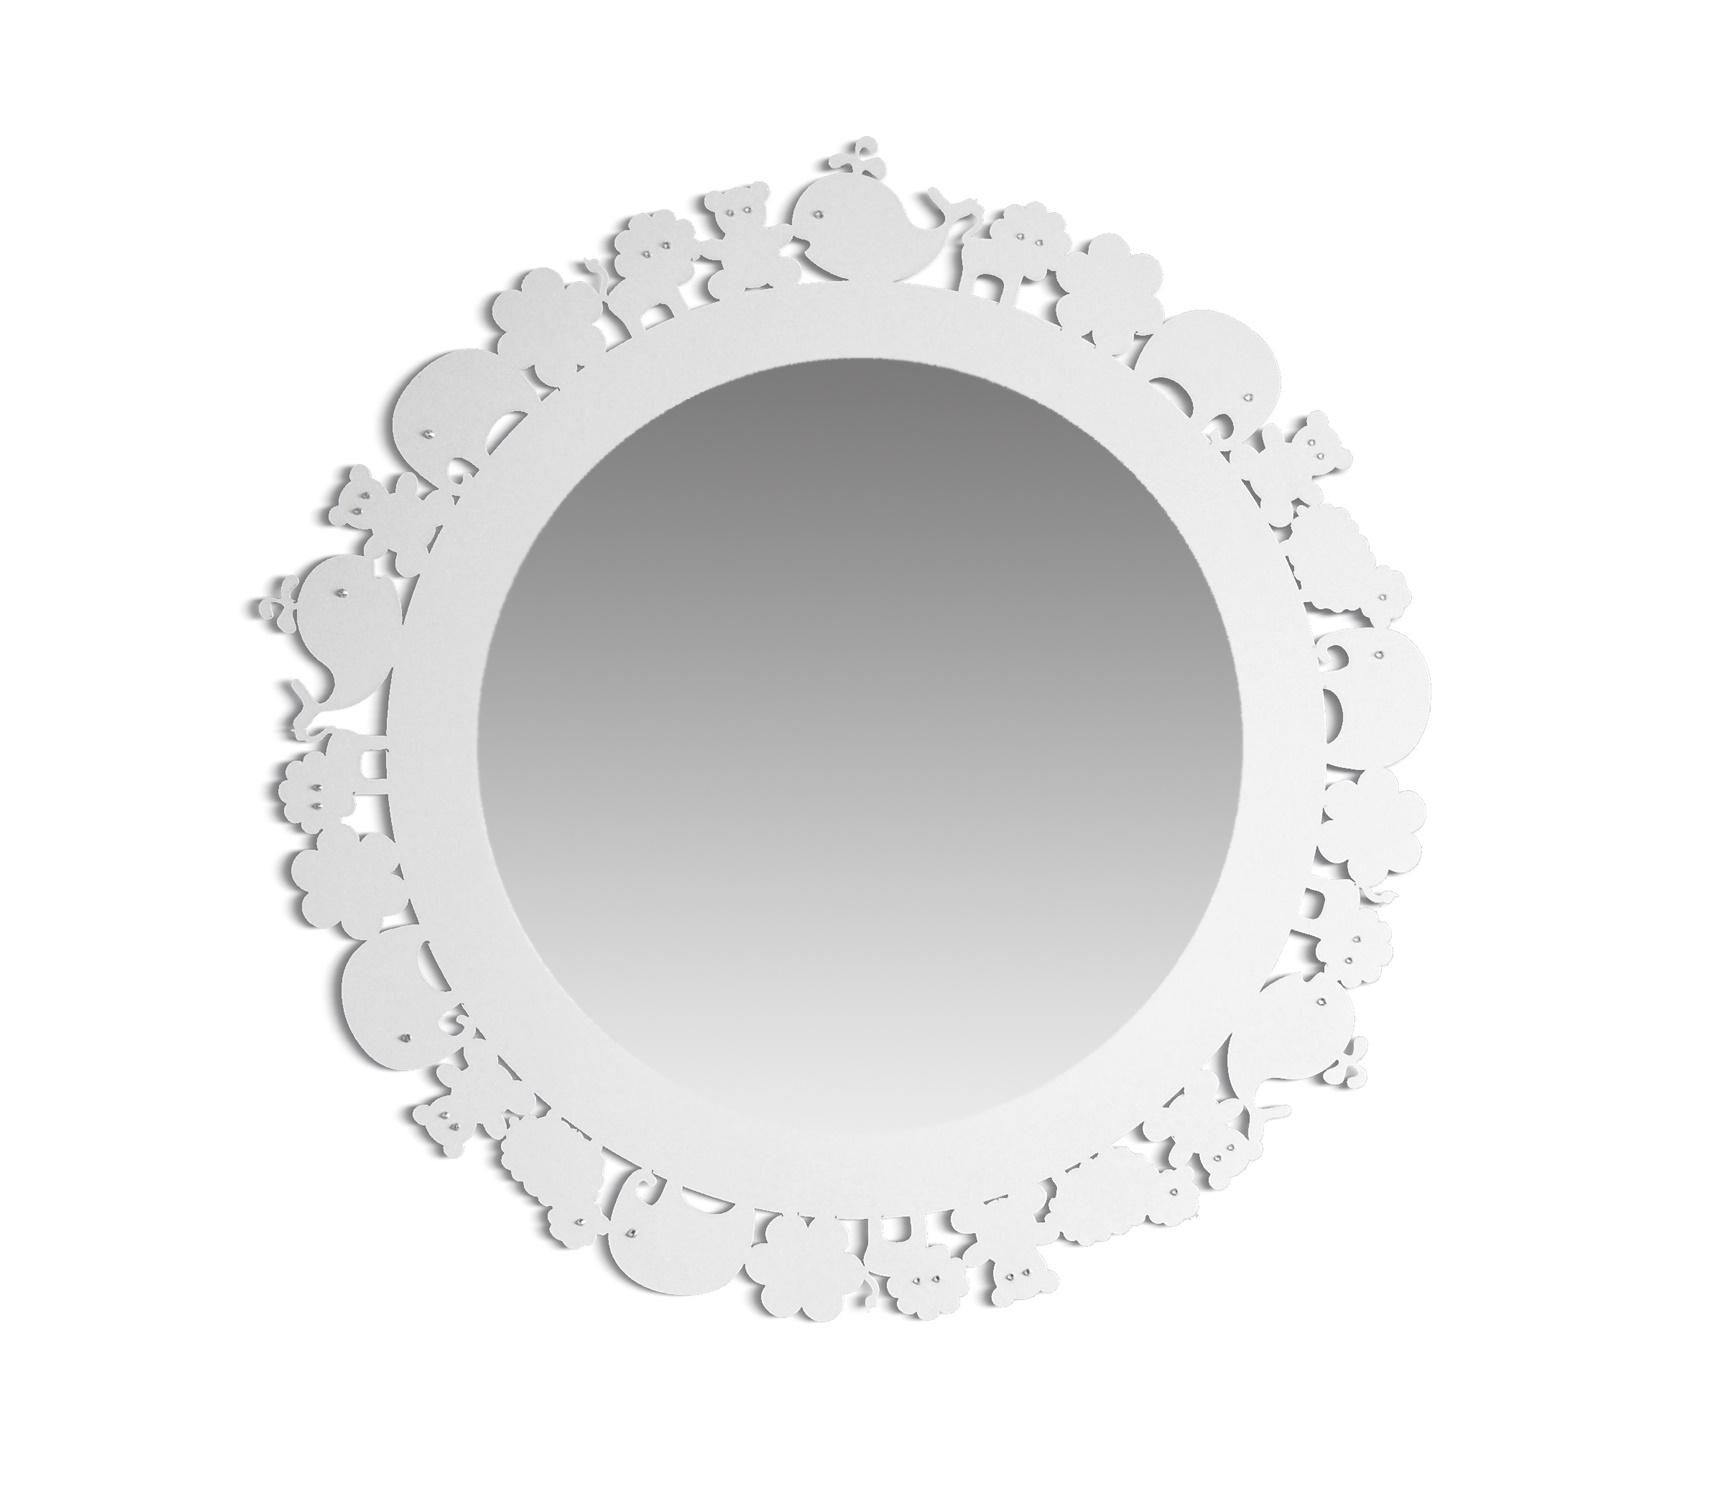 Зеркало ANIMALIERНастенные зеркала<br>Интерьерное зеркало ANIMALIER, инкрустированное элементами SWAROVSKI – из лимитированной коллекции bonessi.<br>Зеркало ANIMALIER нежно украсит интерьер детской комнаты маленькой принцессы или спальни.&amp;lt;div&amp;gt;&amp;lt;br&amp;gt;&amp;lt;/div&amp;gt;&amp;lt;div&amp;gt;&amp;lt;span style=&amp;quot;font-size: 14px;&amp;quot;&amp;gt;Украшения: кристаллы Swarovski&amp;lt;/span&amp;gt;&amp;lt;br&amp;gt;&amp;lt;/div&amp;gt;<br><br>Material: Сталь<br>Length см: None<br>Width см: None<br>Depth см: 0,6<br>Height см: None<br>Diameter см: 54